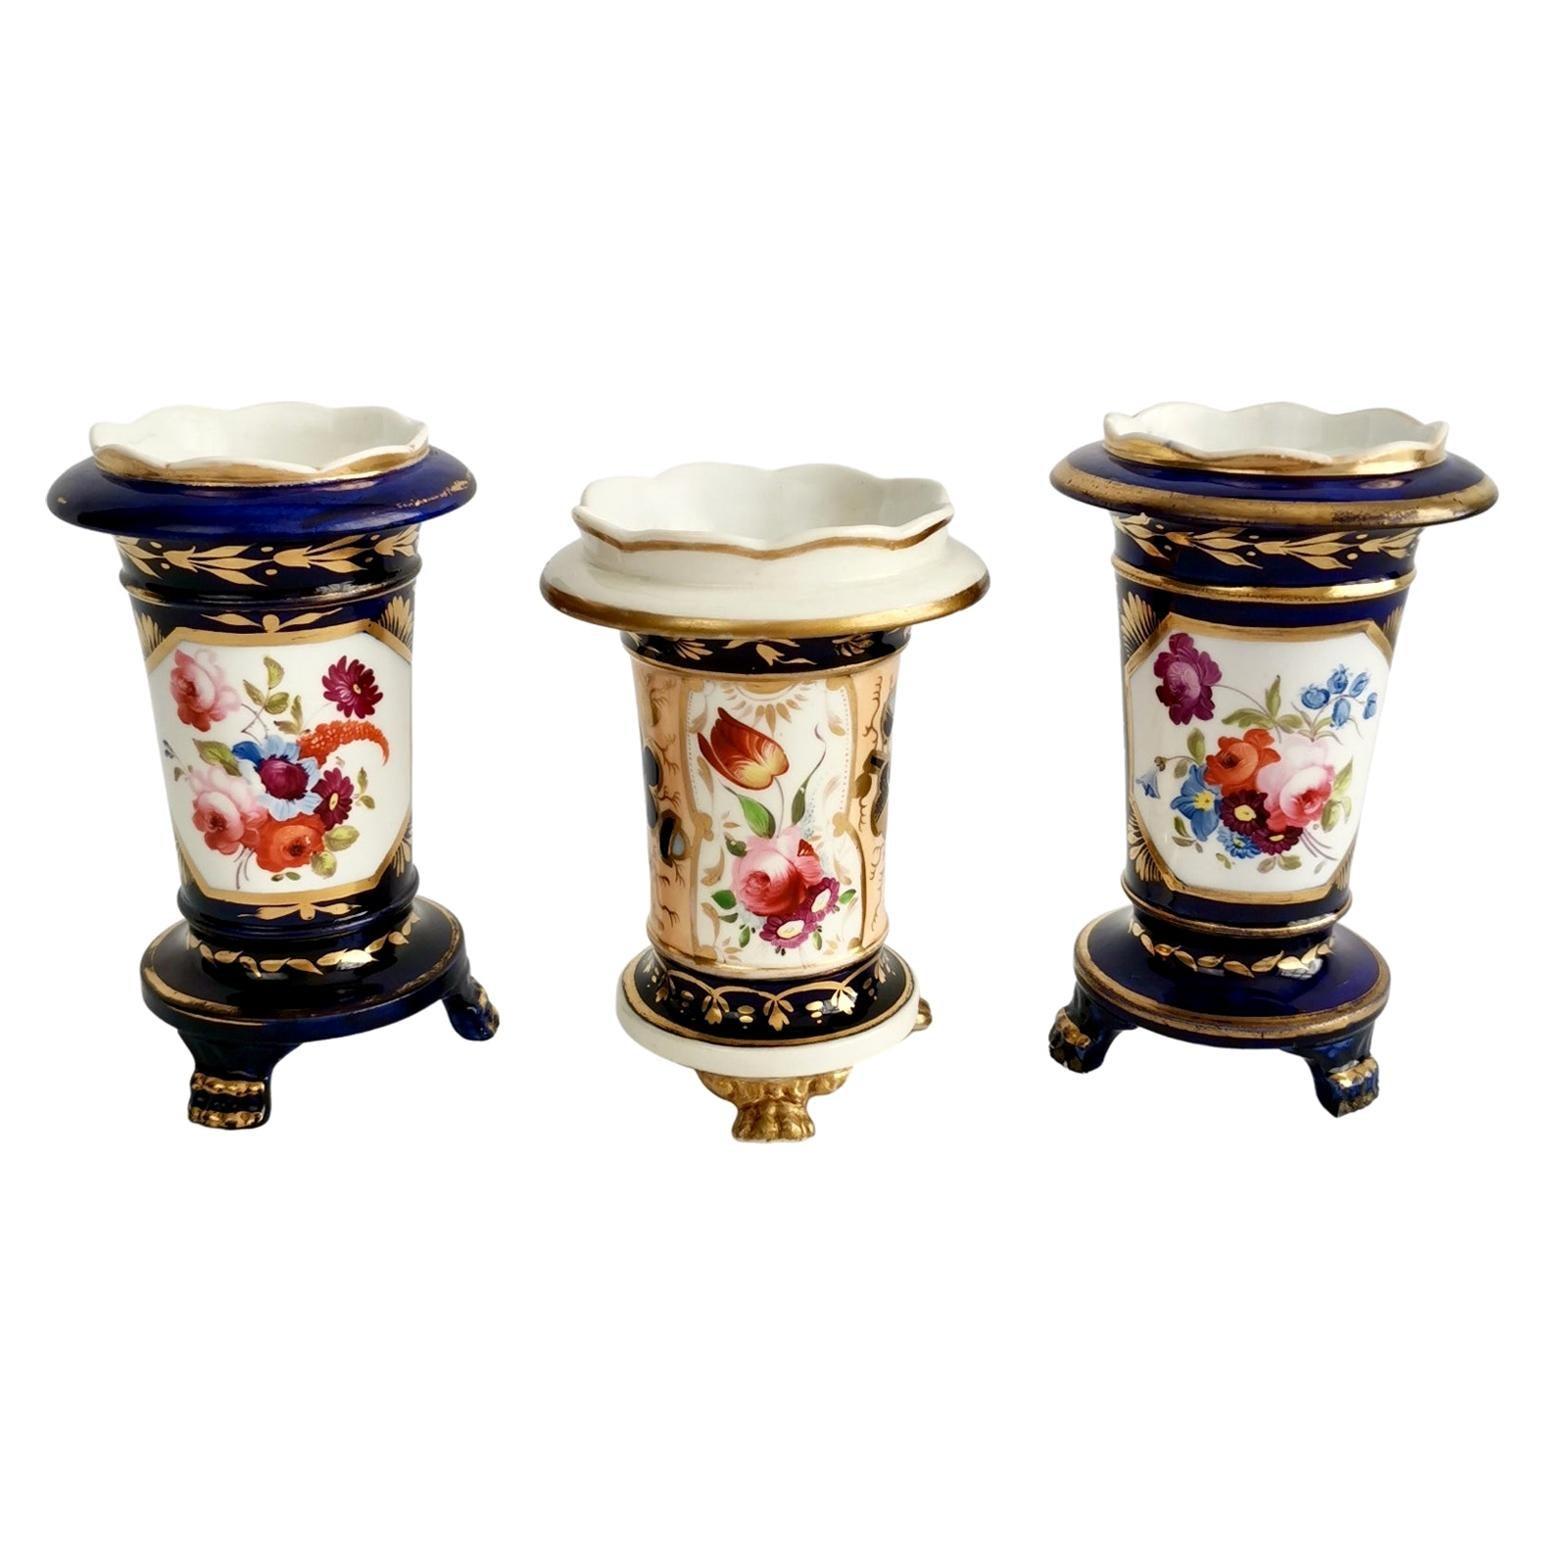 Three Staffordshire Porcelain Spill Vases Floral Cobalt Blue, Regency circa 1820